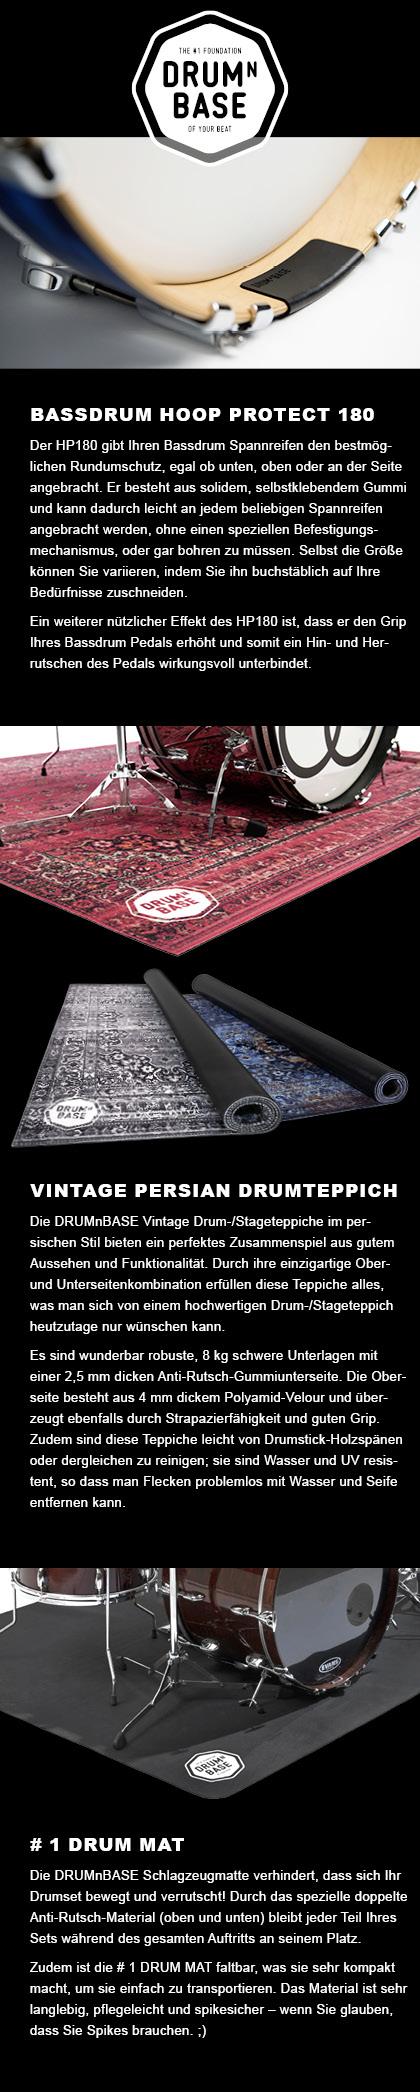 DrumnBase_Image